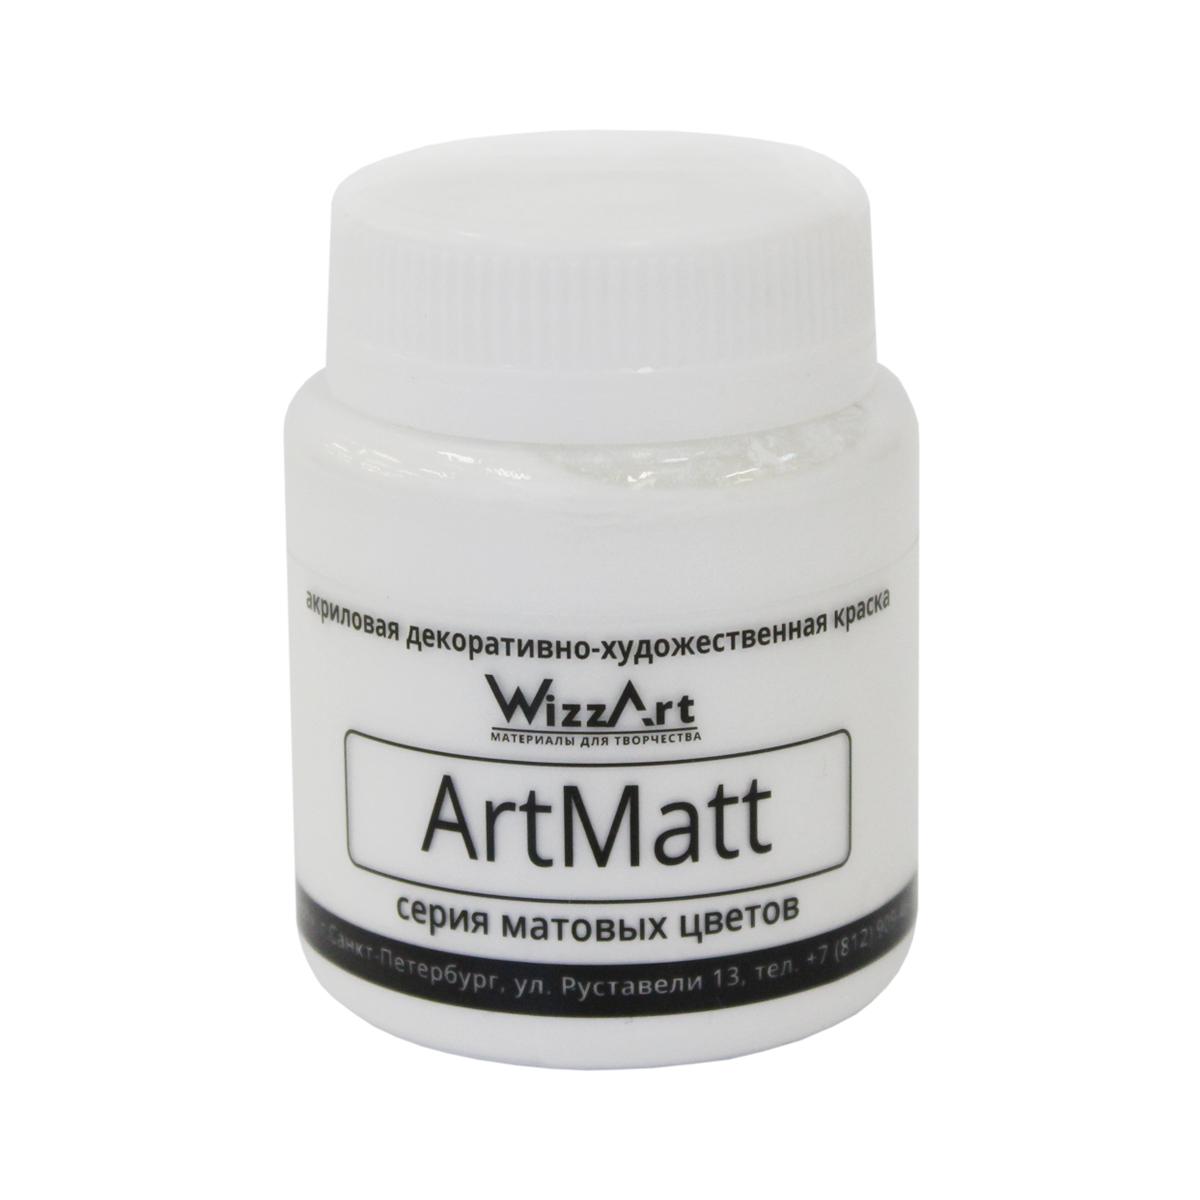 Краска акриловая Wizzart ArtMatt, цвет: белый, 80 мл501029Серия декоративно-художественных красок ArtMatt от компании WizzArt после высыхания образует ровную матовую поверхность. Богатая палитра оттенков позволит художнику или рукодельнице с легкостью реализовать свою творческую идею. Чистые, глубокие и насыщенные оттенки акриловых красок серии ArtMatt обладают повышенной светостойкостью. Матовая акриловая краска смотрится очень интересно, а в сочетании с глянцевой краской можно создать необычные композиционные акценты в своем рисунке. Акриловые краски WizzArt нетоксичны, ровно ложатся, подходят практически для любой поверхности, а потому востребованы в огромном количестве различных направлений творчества. Ими можно не только писать картины, но и расписывать посуду и сувениры, декорировать украшения и элементы интерьера, использовать во флористике, декупаже, скрапбукинге. Краски от компании WizzArt имеют высокое качество при вполне доступной цене, что делает их одной из наиболее привлекательных позиций в магазинах товаров для творчества.Перед использованием необходимо перемешать.Объем: 80 мл.Товар сертифицирован.